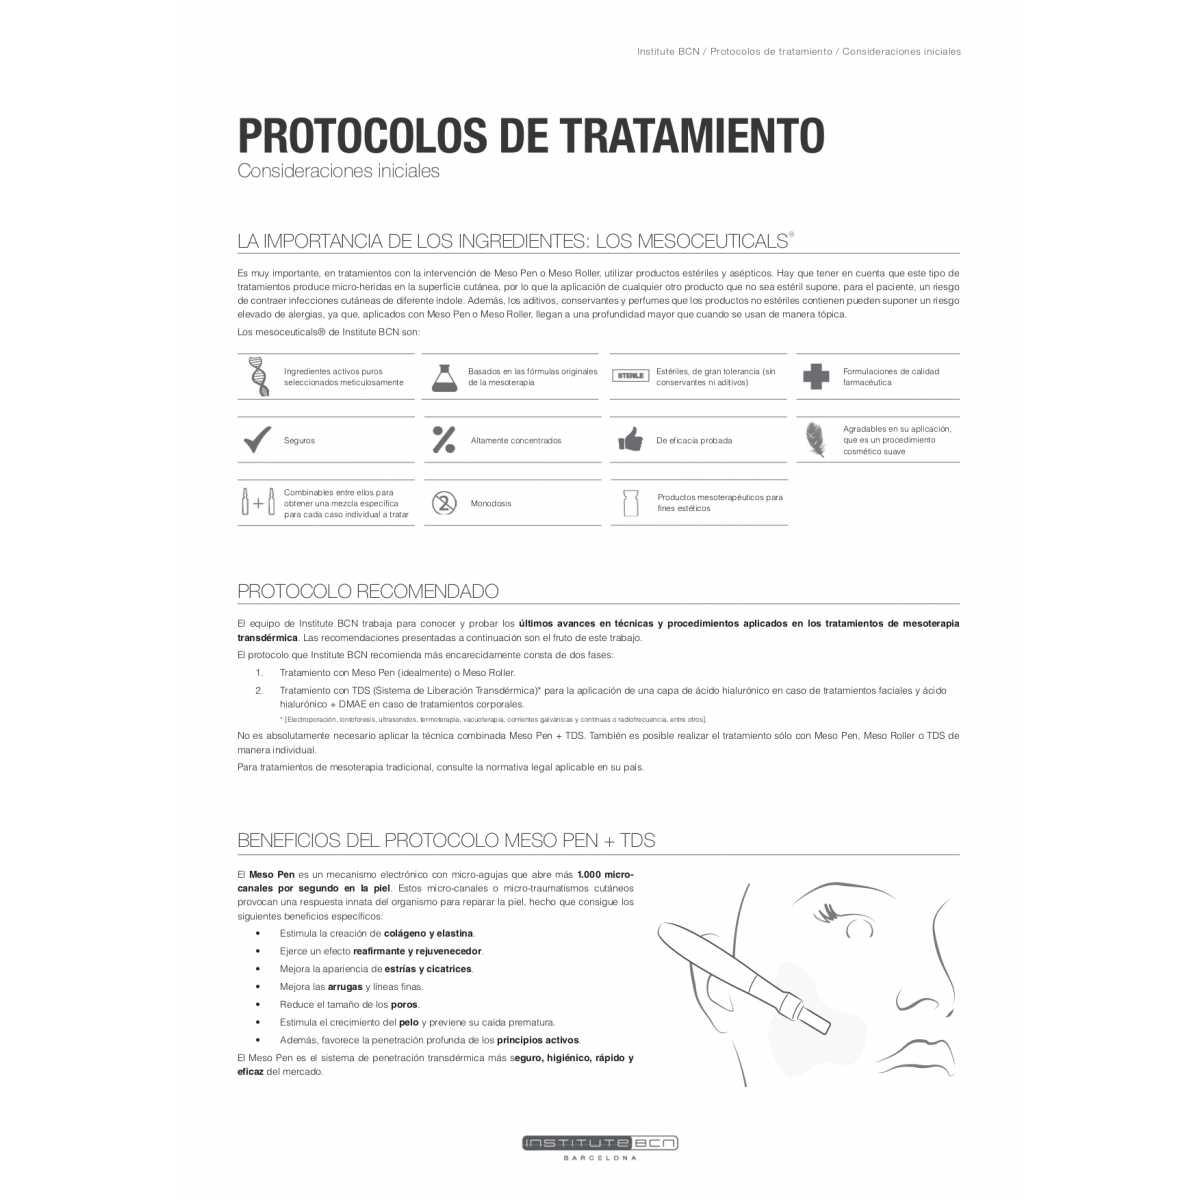 Vitamina A retinol - Soluzione Nutritiva - Principi attivi - Institute BCN